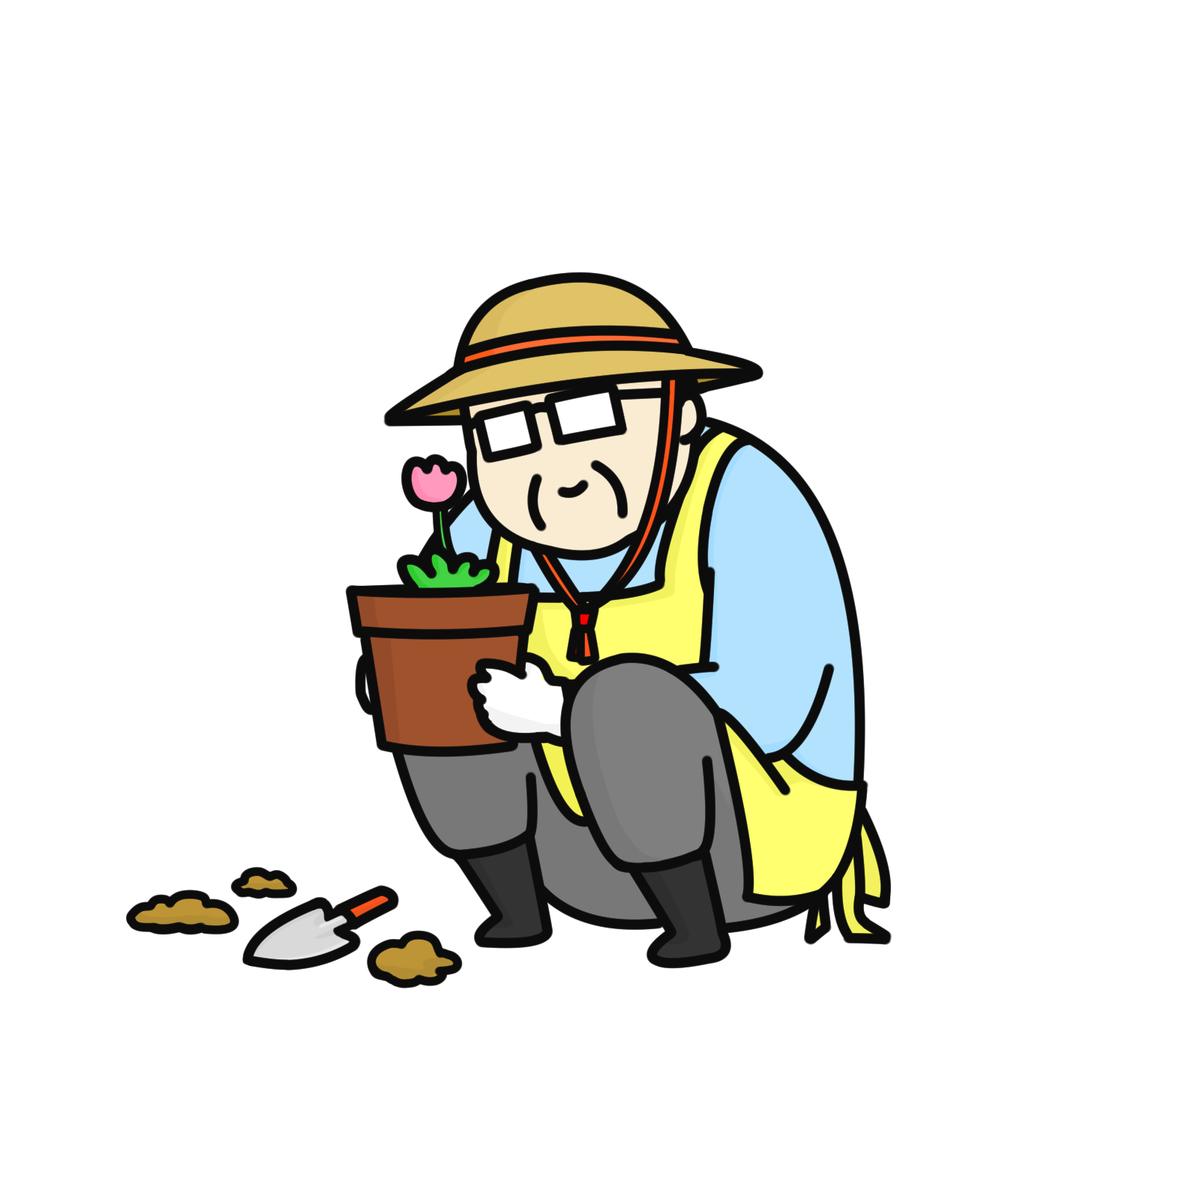 園芸おじさん